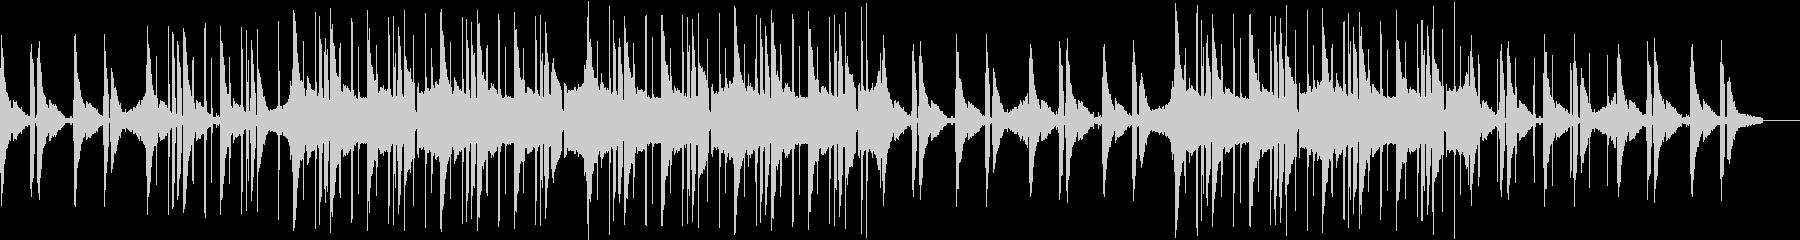 ヒップホップ・チル・ローファイ・カフェの未再生の波形